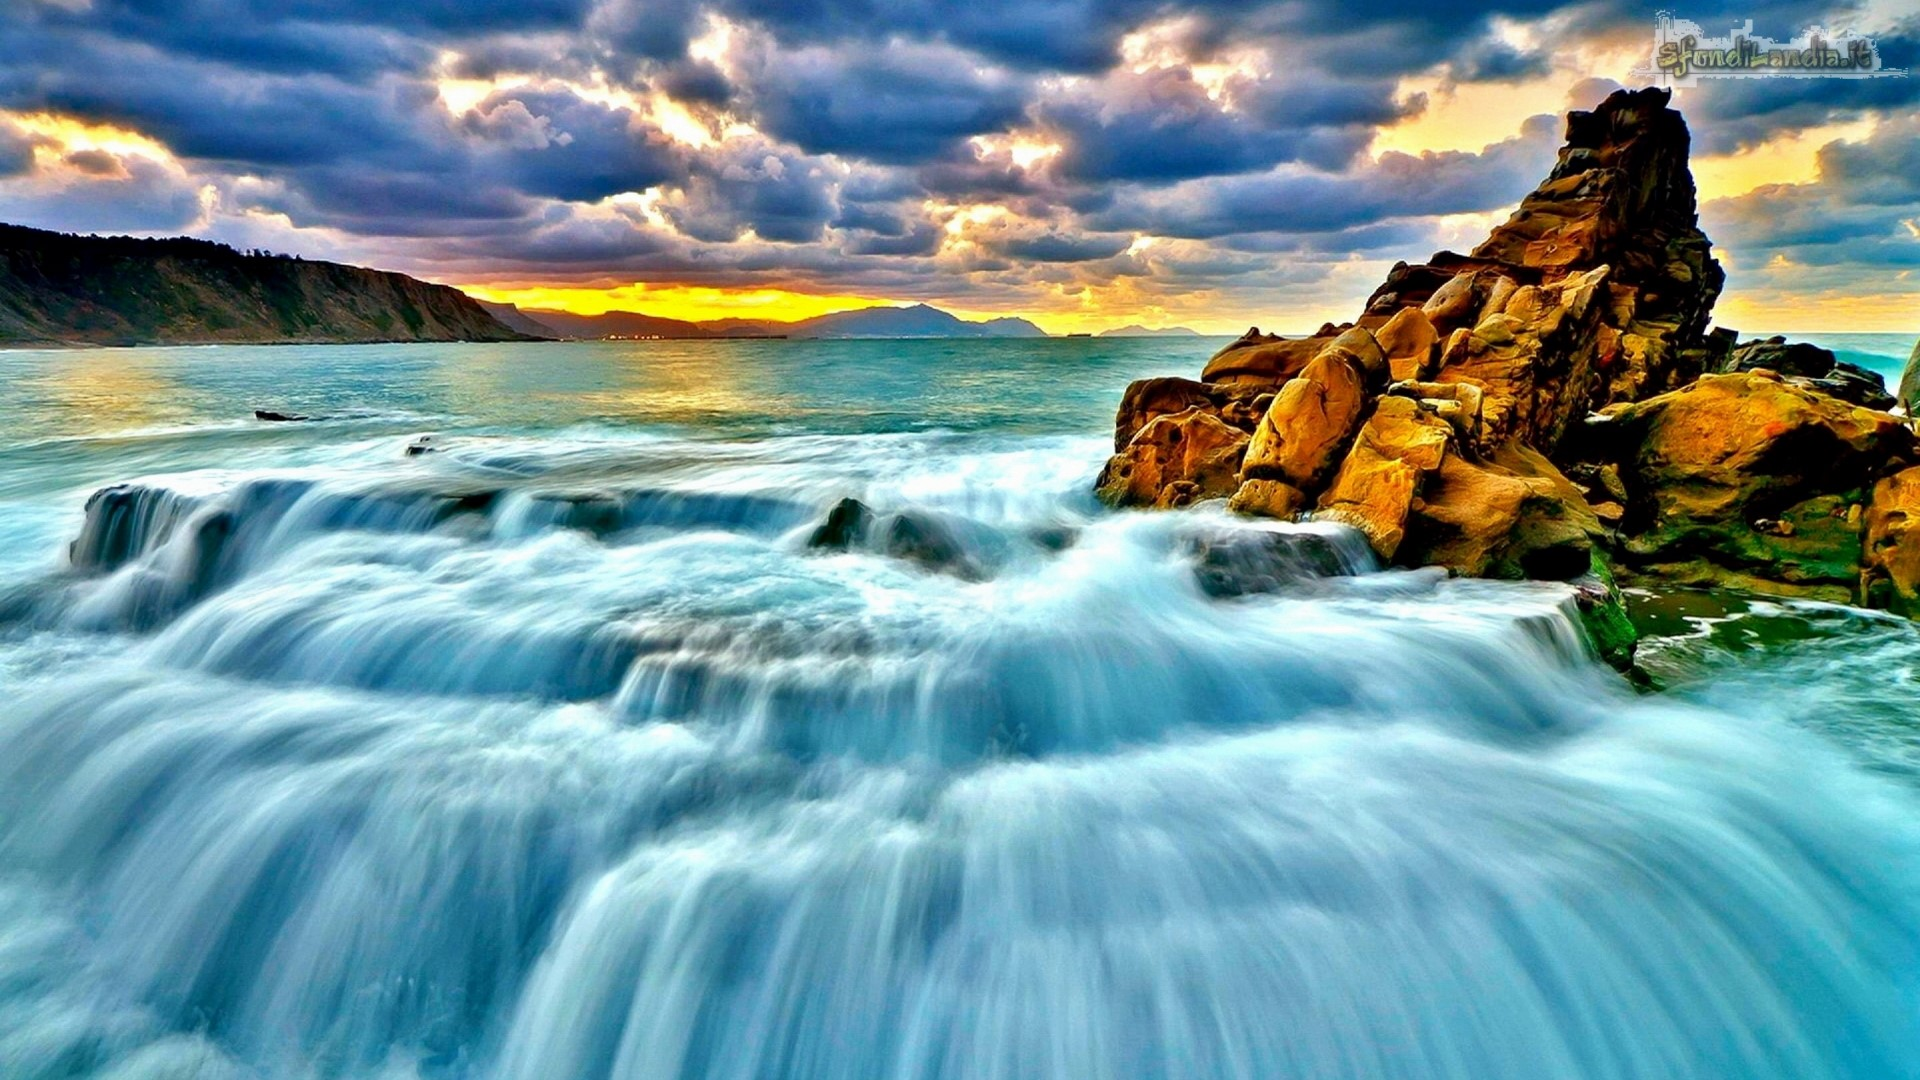 Sea Waterfall